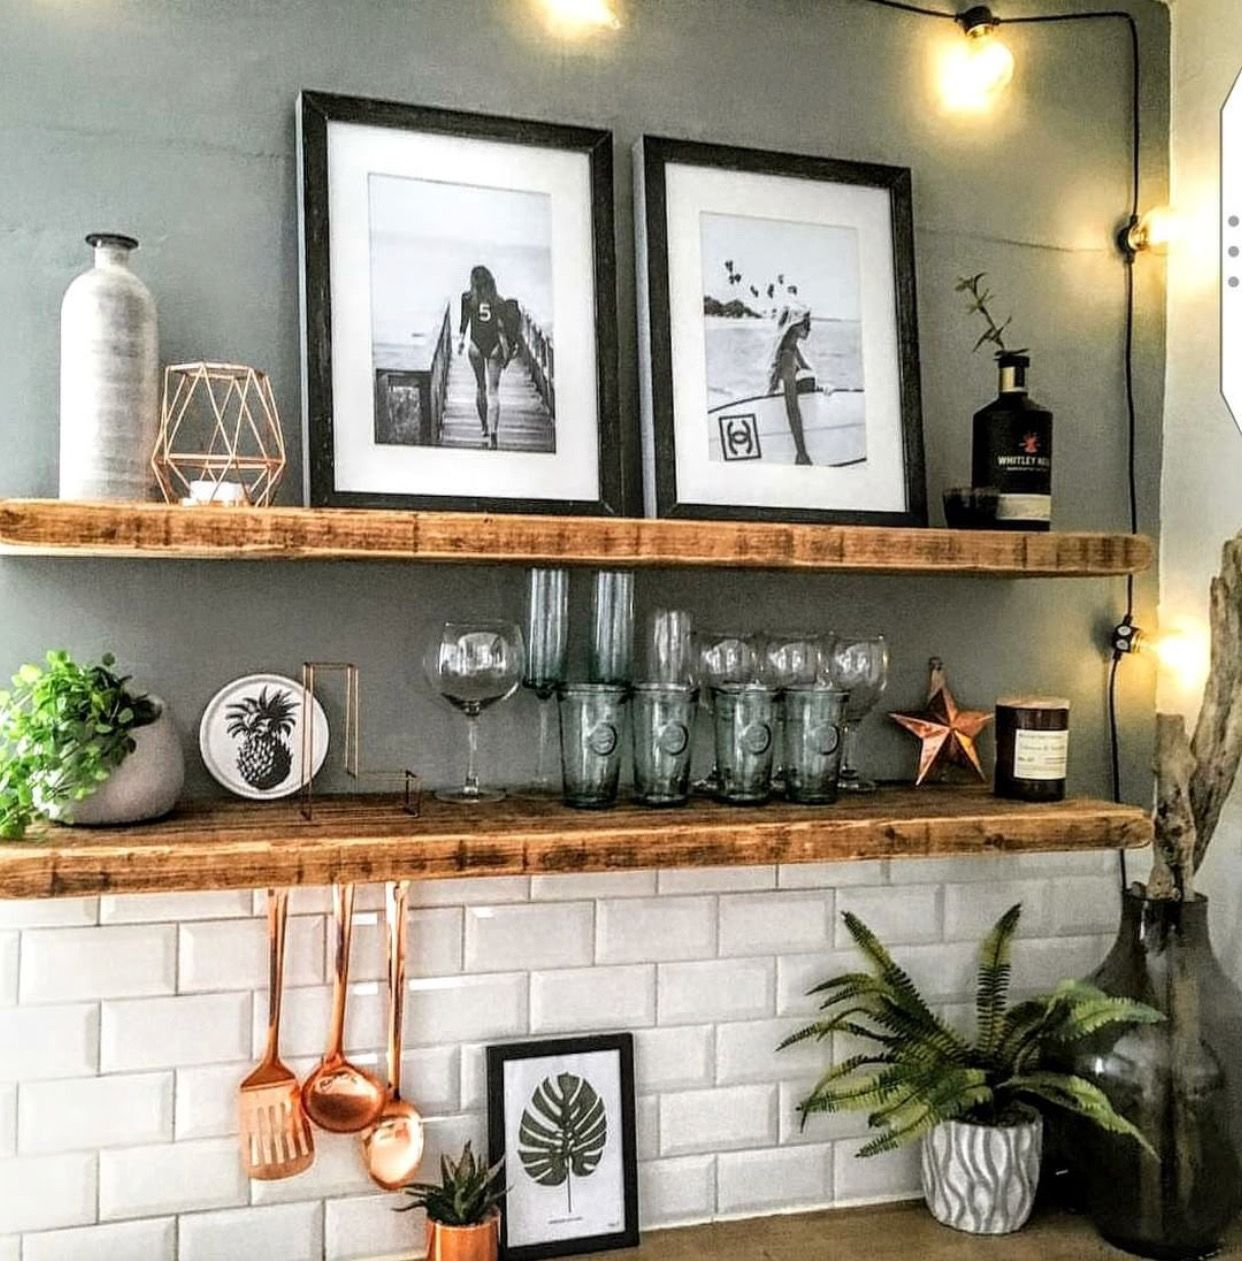 Pin Von Katie Direnzo Auf Home Decor Kitchen Deko Tisch